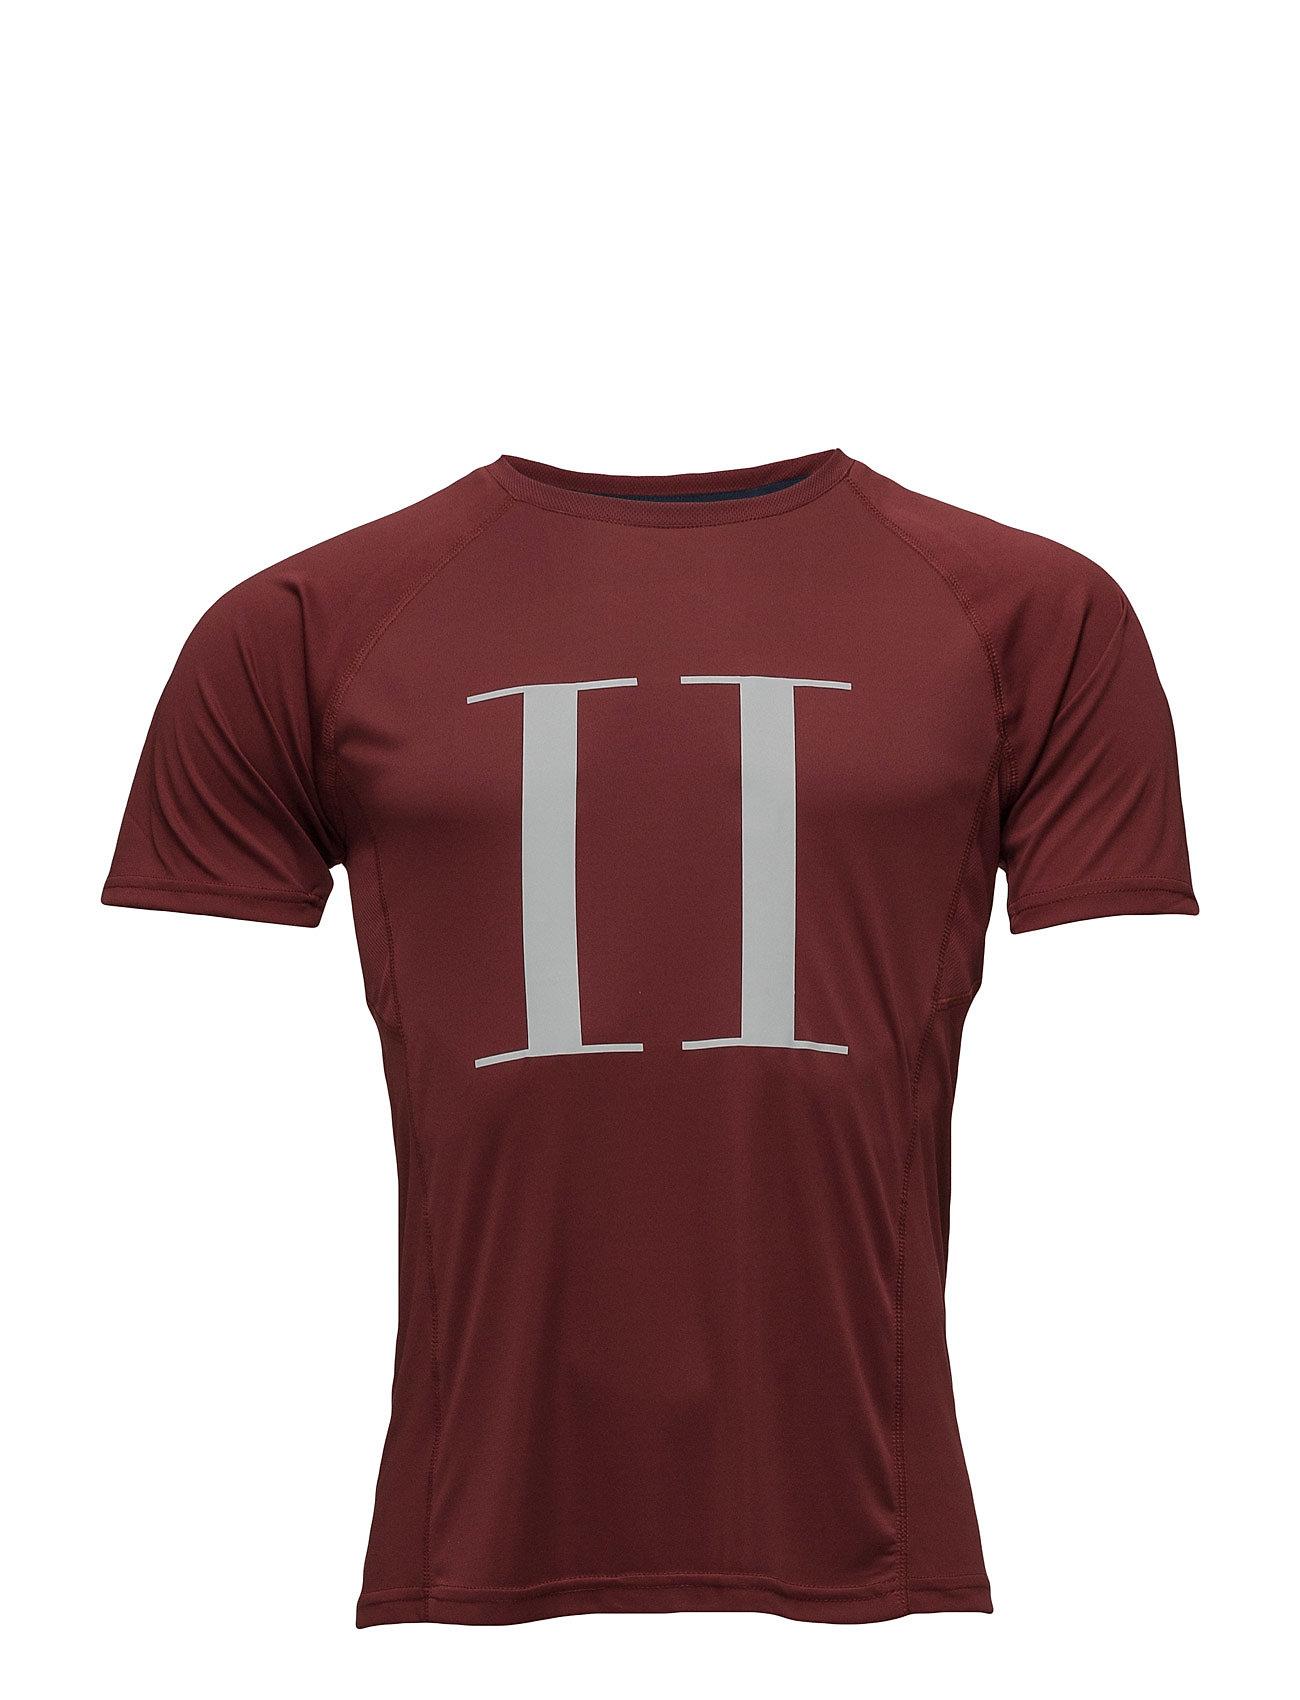 Run Logo T-Shirt Men Tracks by Les Deux Sports toppe til Mænd i